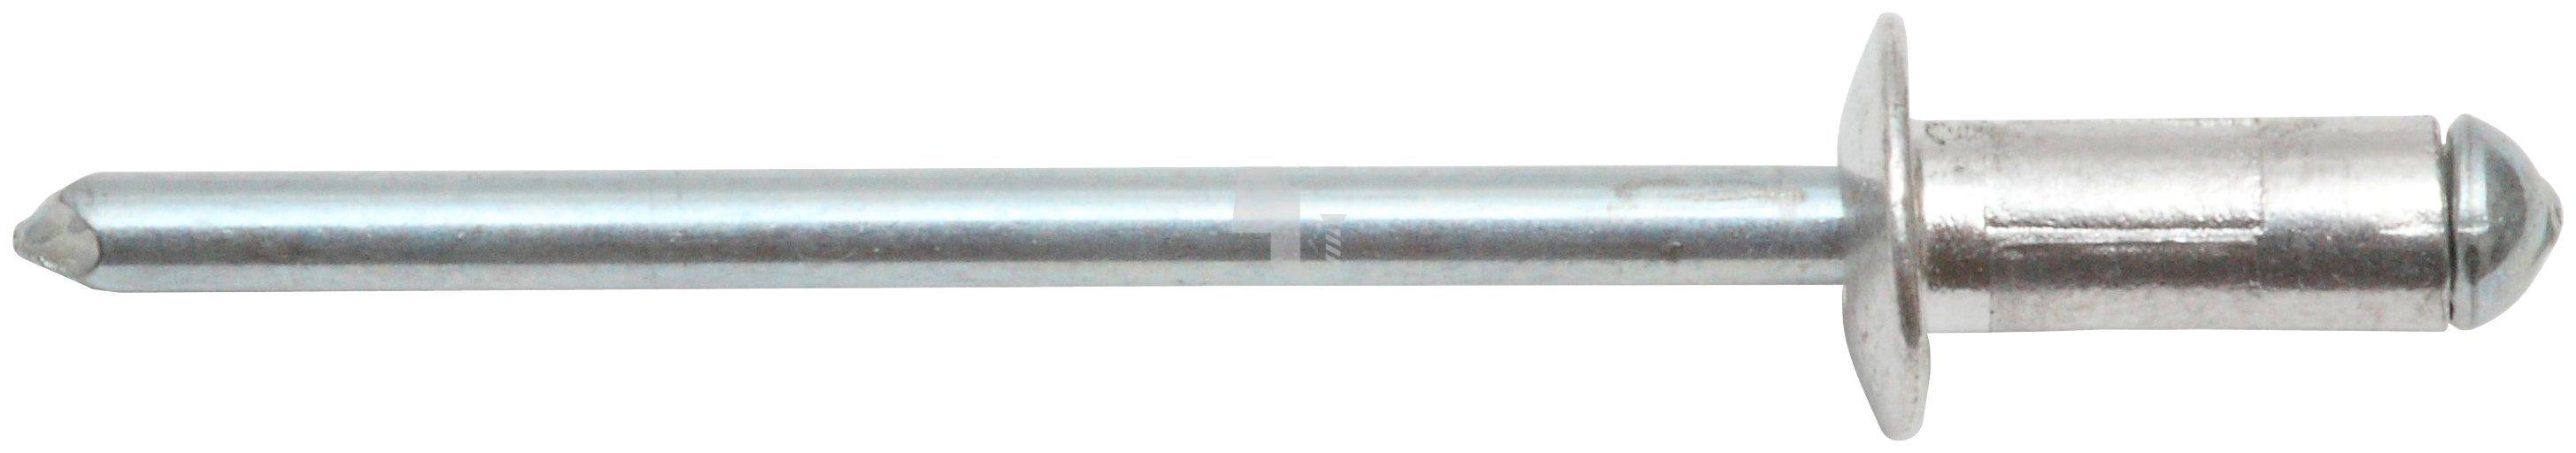 RAMSES Blindnieten , 4,8 x 17 mm Alu/Stahl 200 Stück